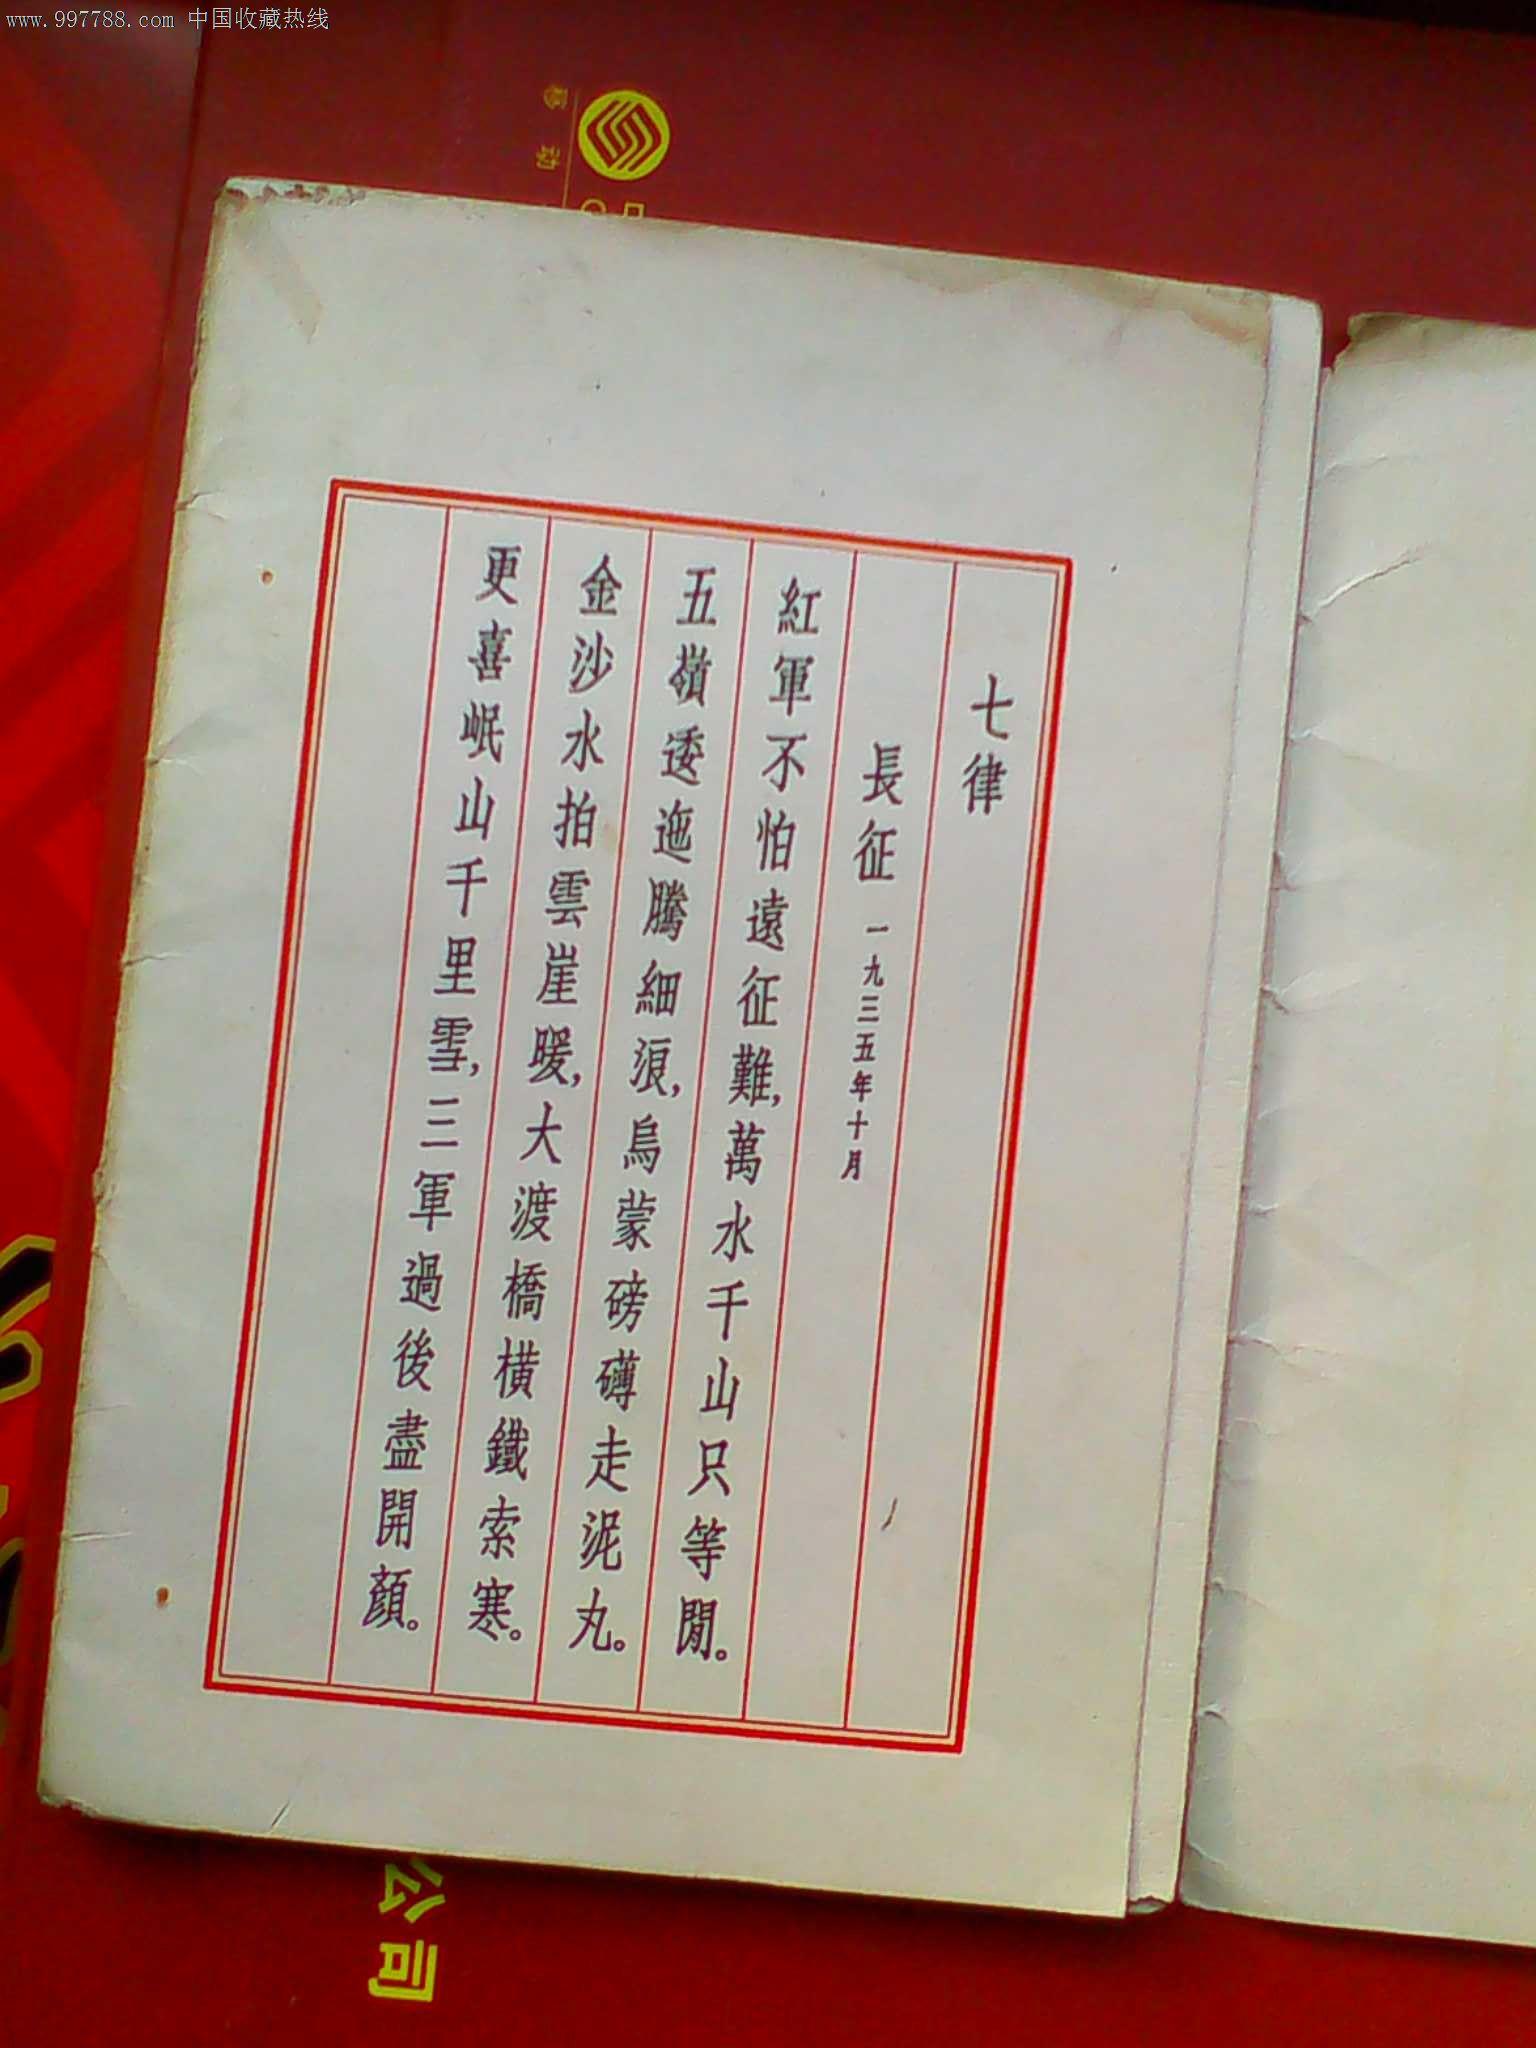 毛主席诗词诗词长征-七律/小学--se16060187-词语语文教案诗选图片